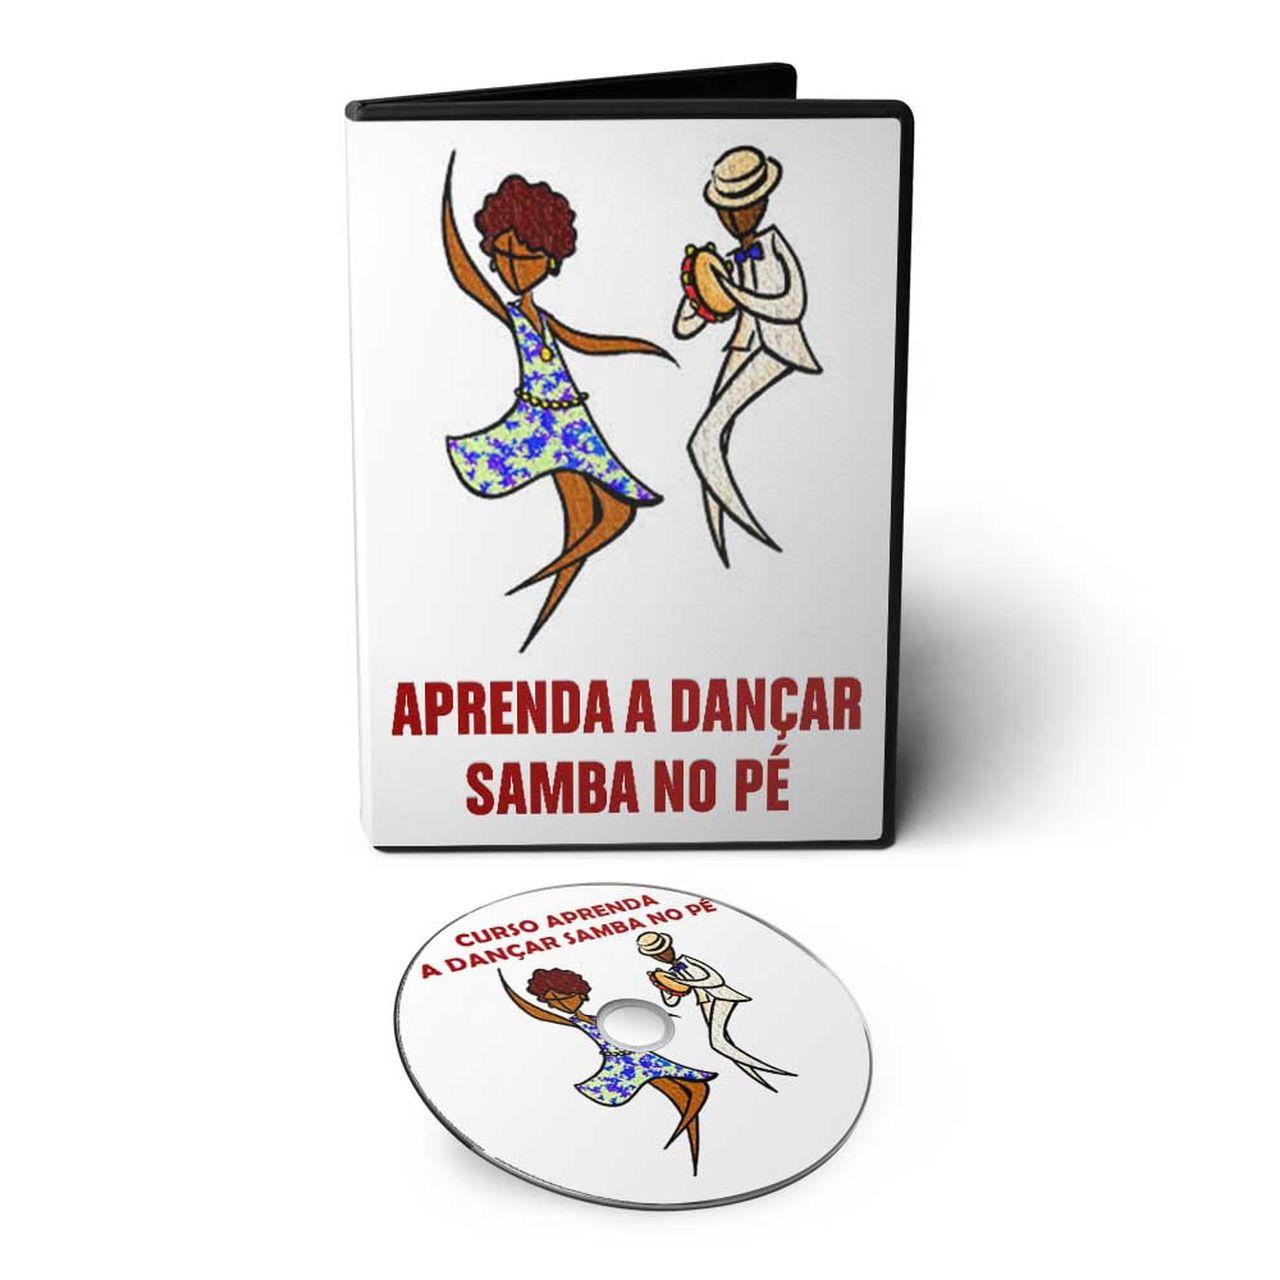 Curso aprenda a Dançar Samba no Pé em DVD Videoaula